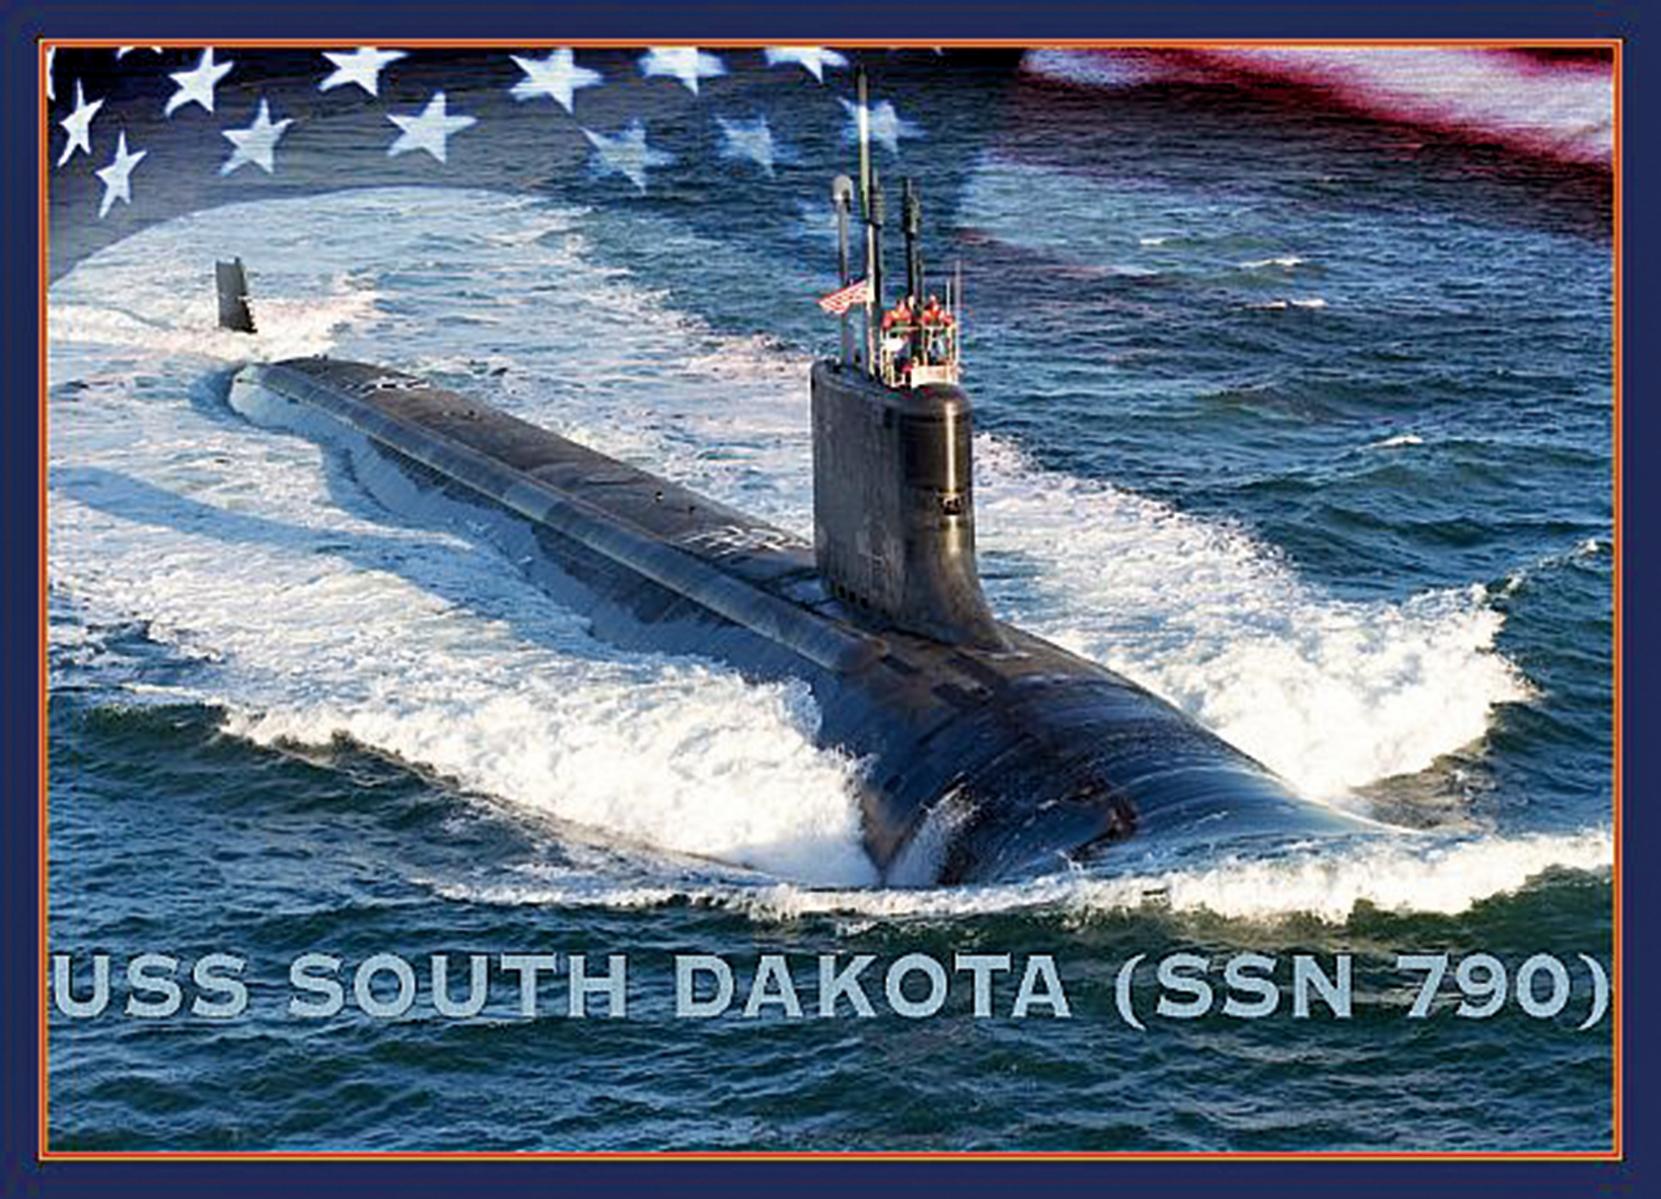 美國海軍攻擊潛艦南達科他號(USS South Dakota)在2019年2月2日舉行正式服役典禮。圖為藝術家所呈現的示意圖。(Stan Bailey/U.S. Navy)